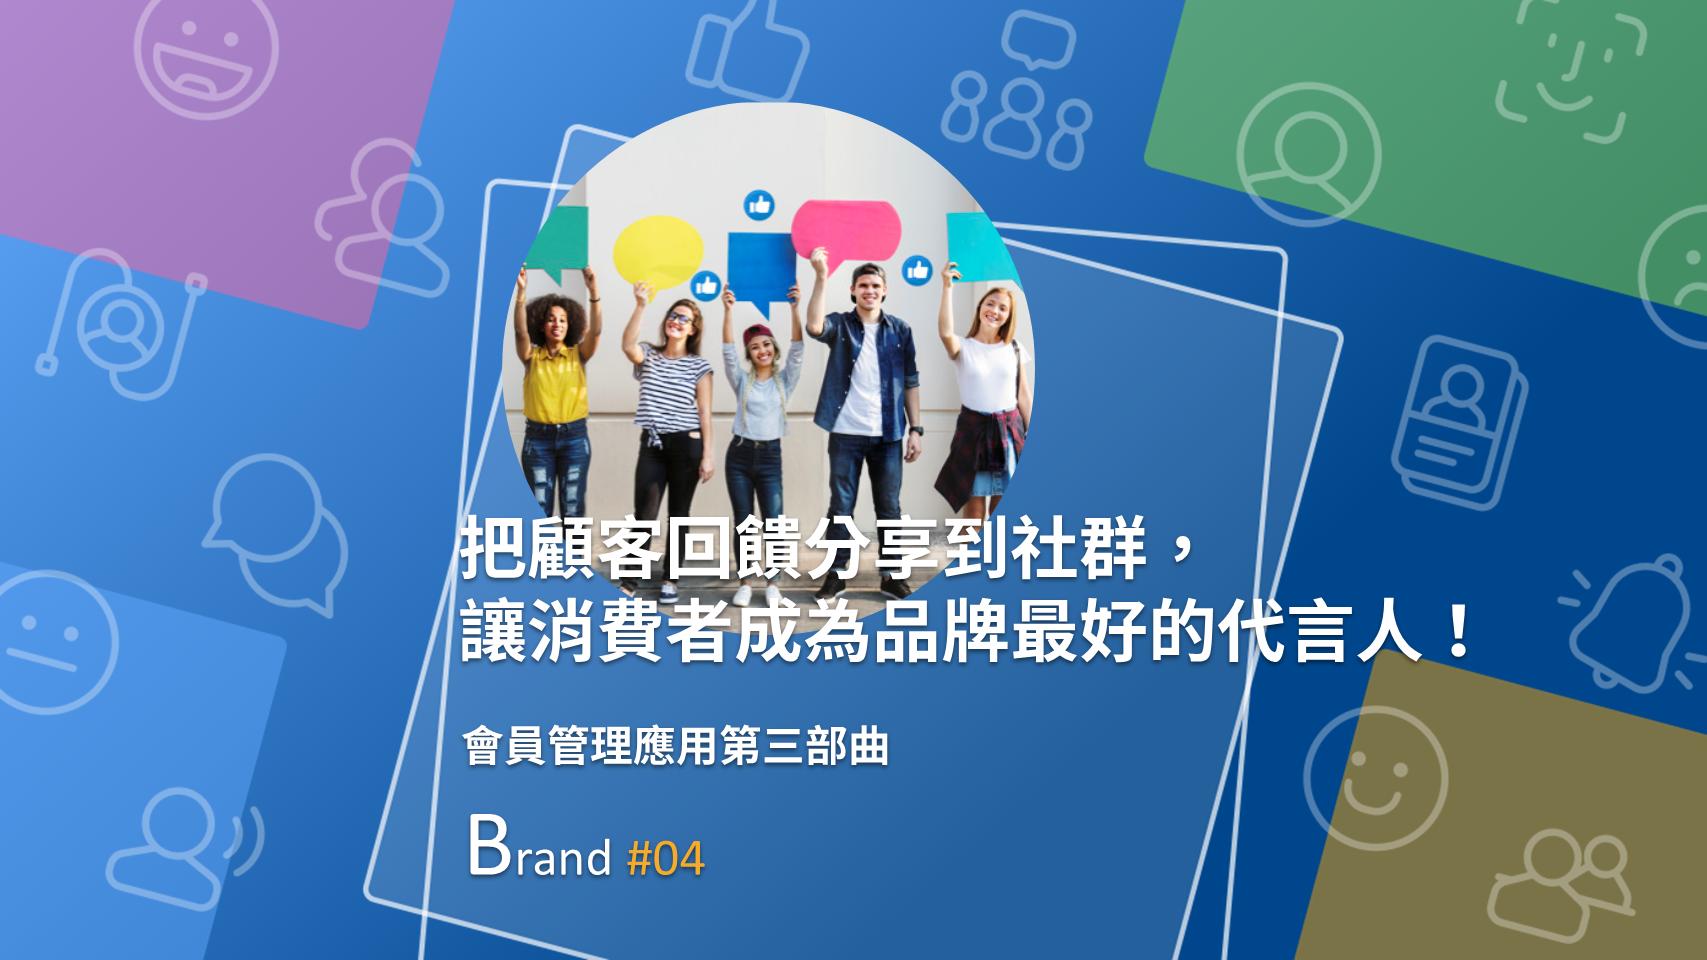 分享顧客的心得回饋,讓口碑好評傳播出去,消費者就是品牌最佳代言人!